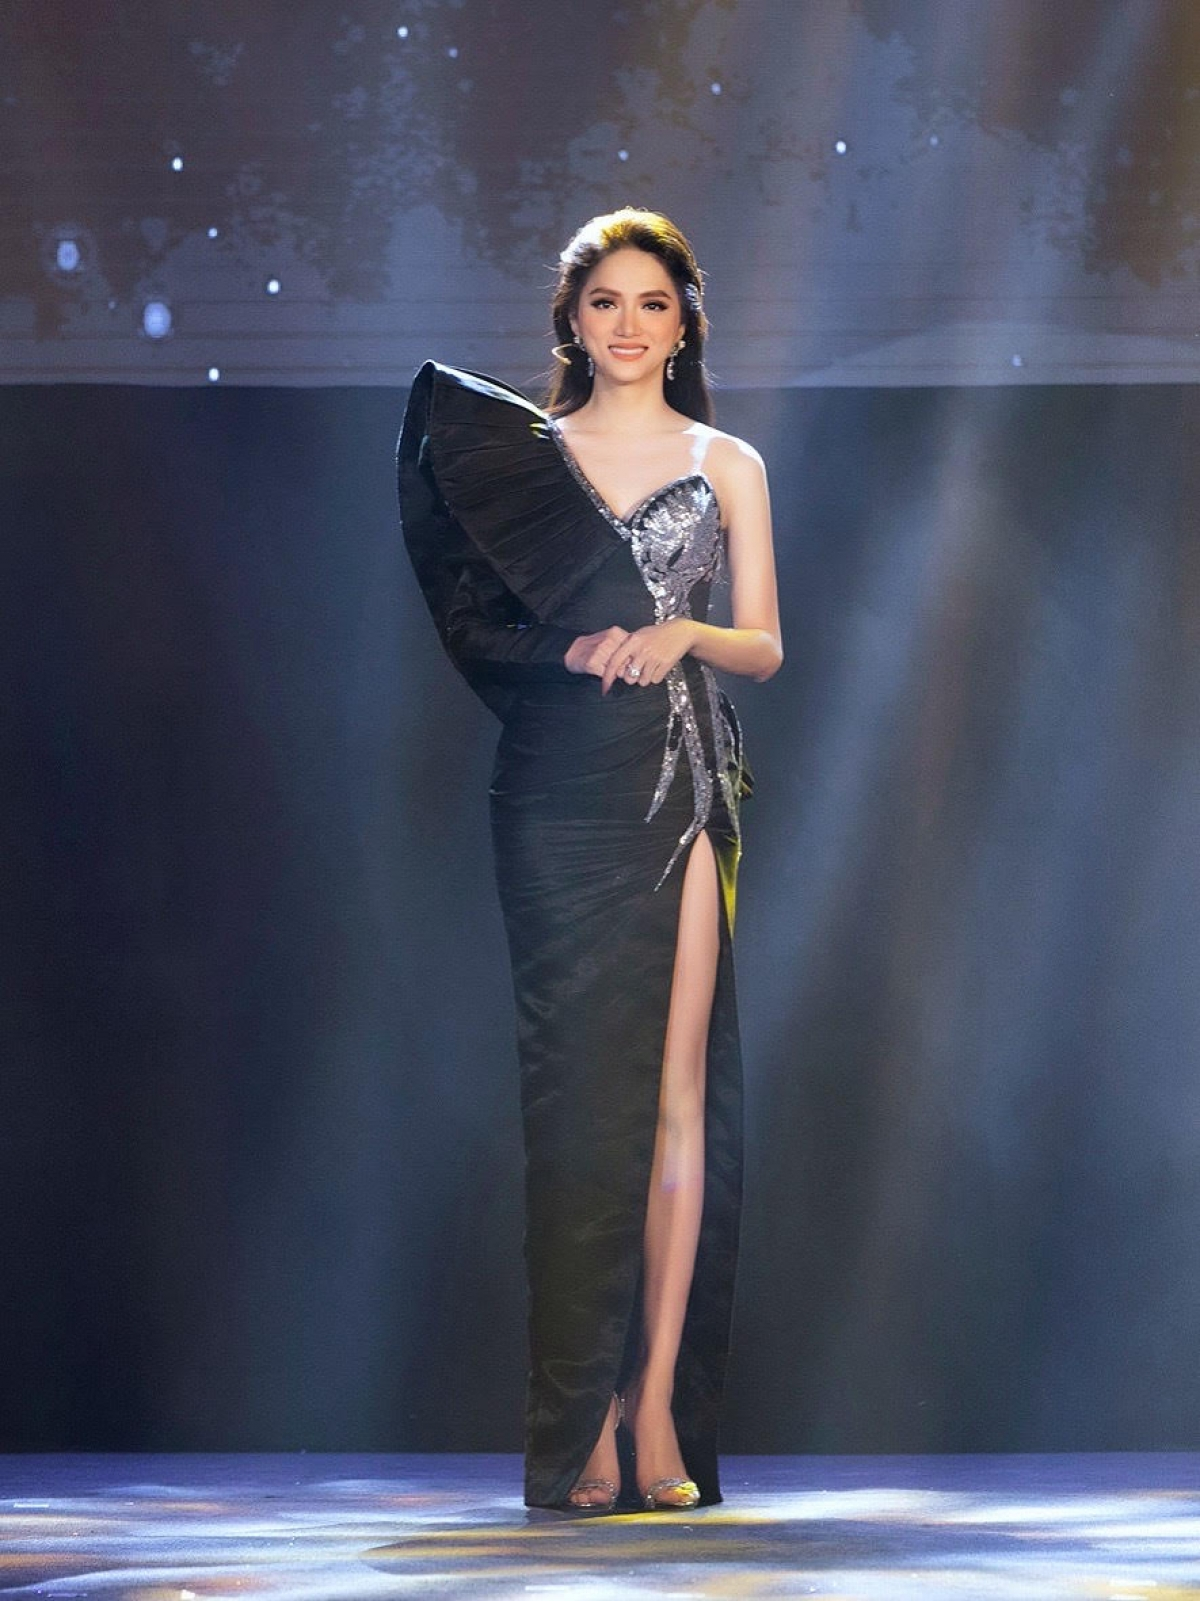 Chiếc váy được làm thủ công đính kết kim sa tinh xảo với các hoạ tiết cầu kì.